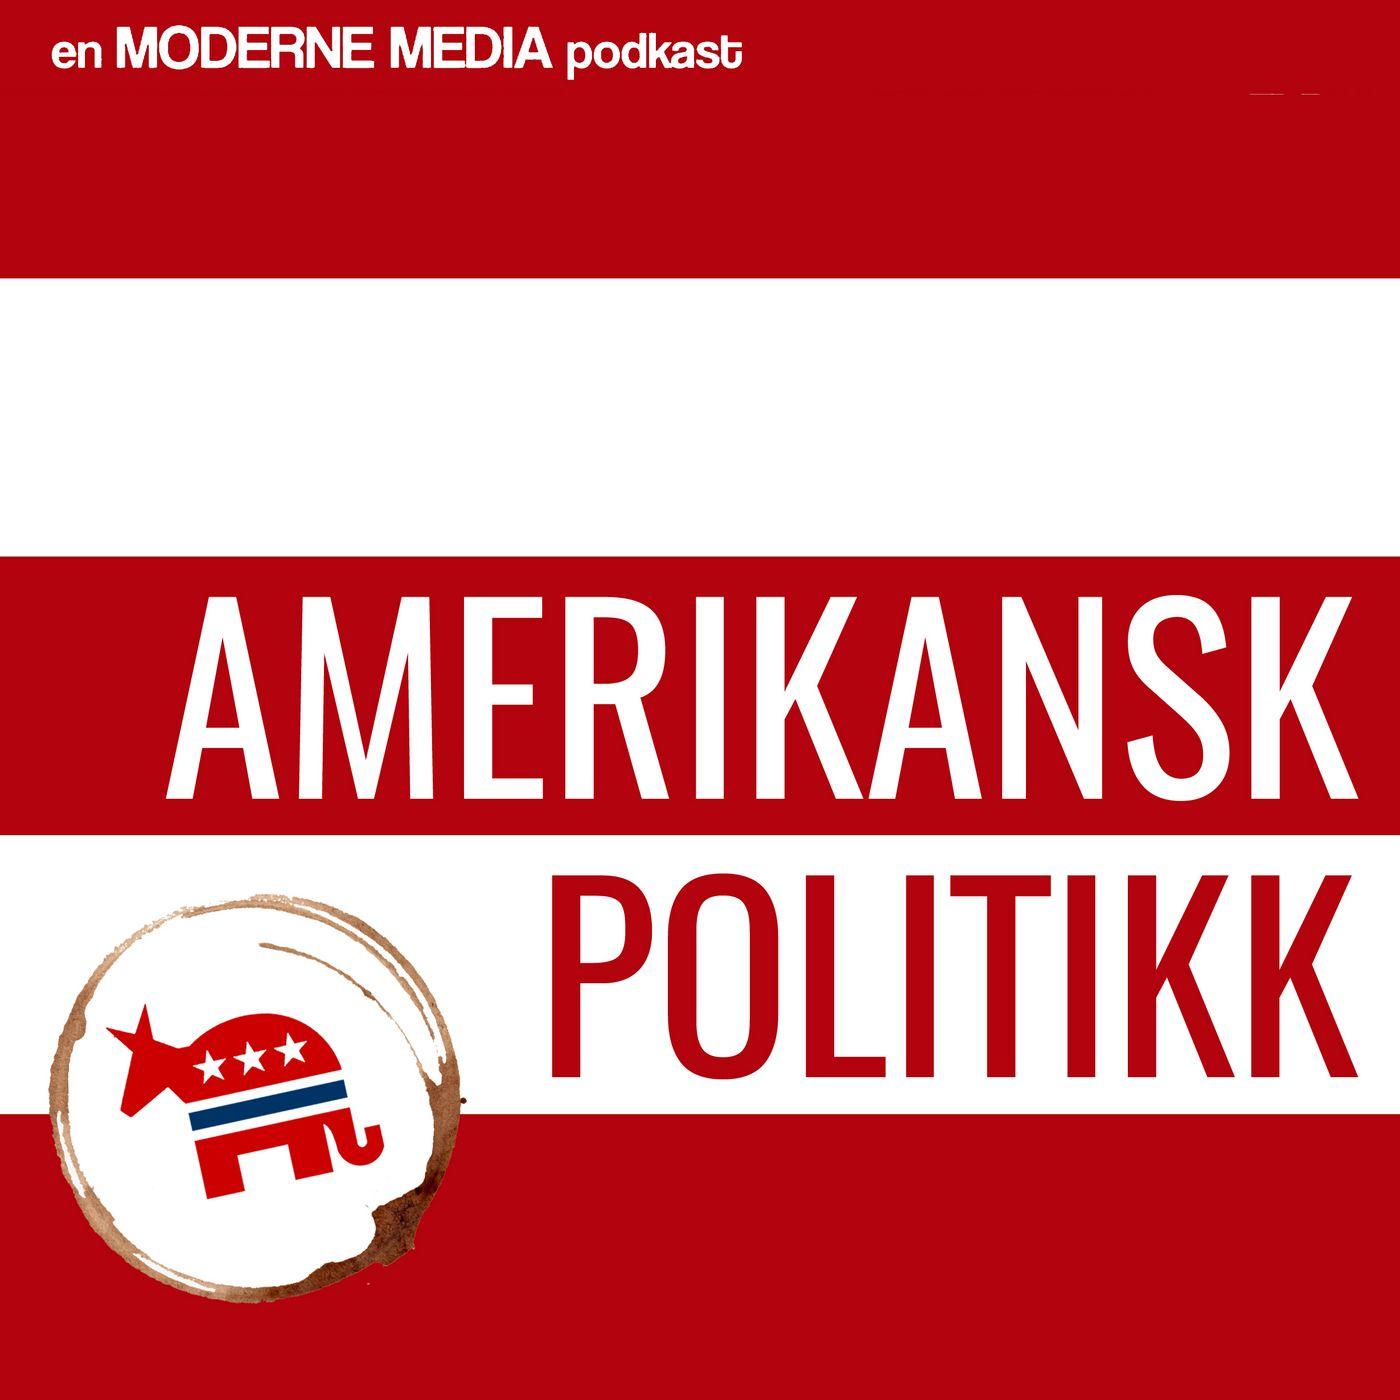 Amerikansk politikk